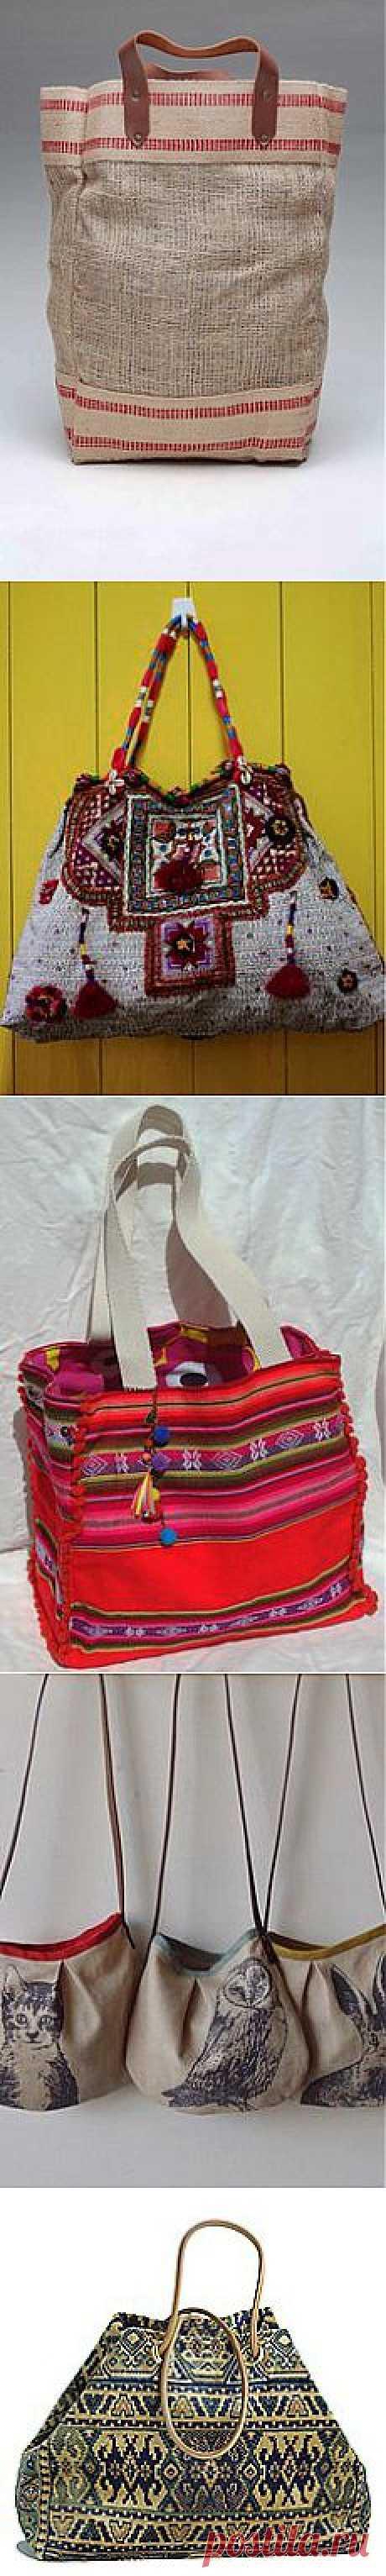 Bags в Pinterest